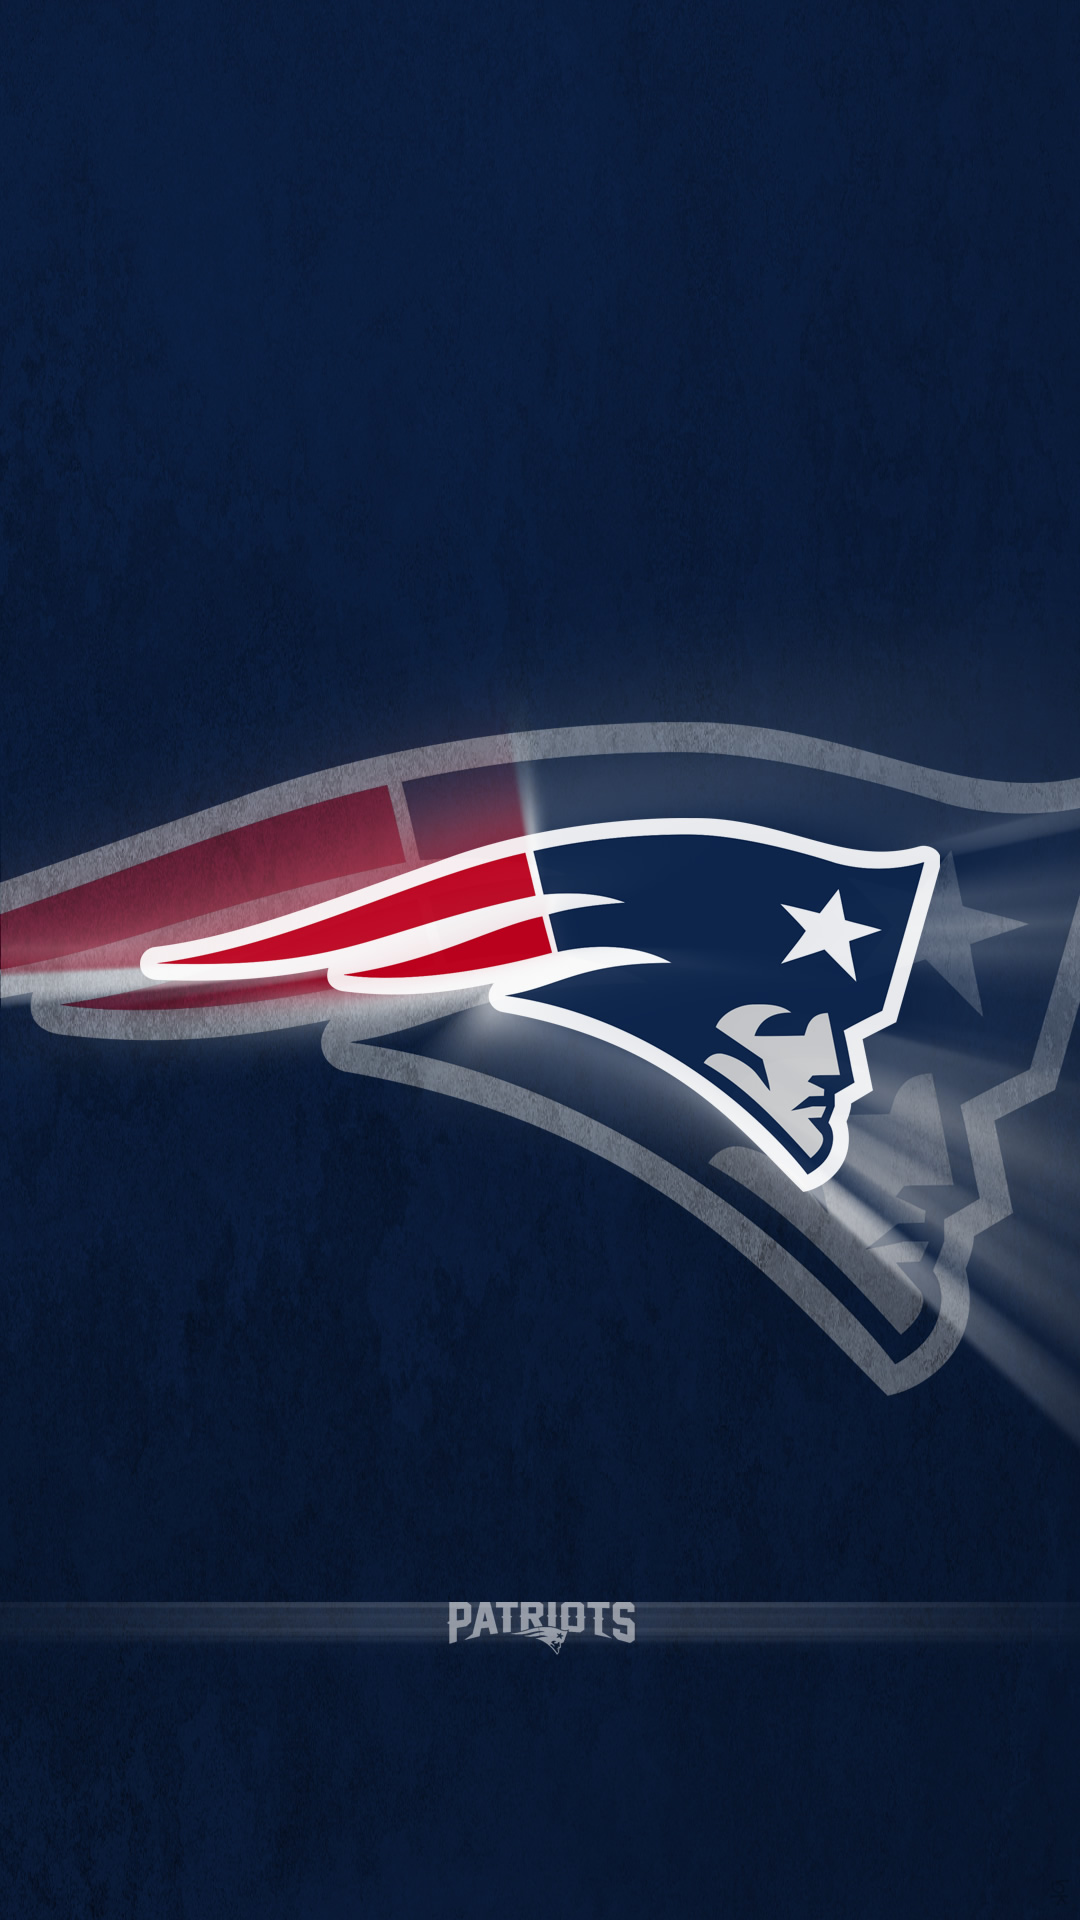 New Superbowl 2015 or Superbowl XLIX wallpaper   New England Patriots 1080x1920